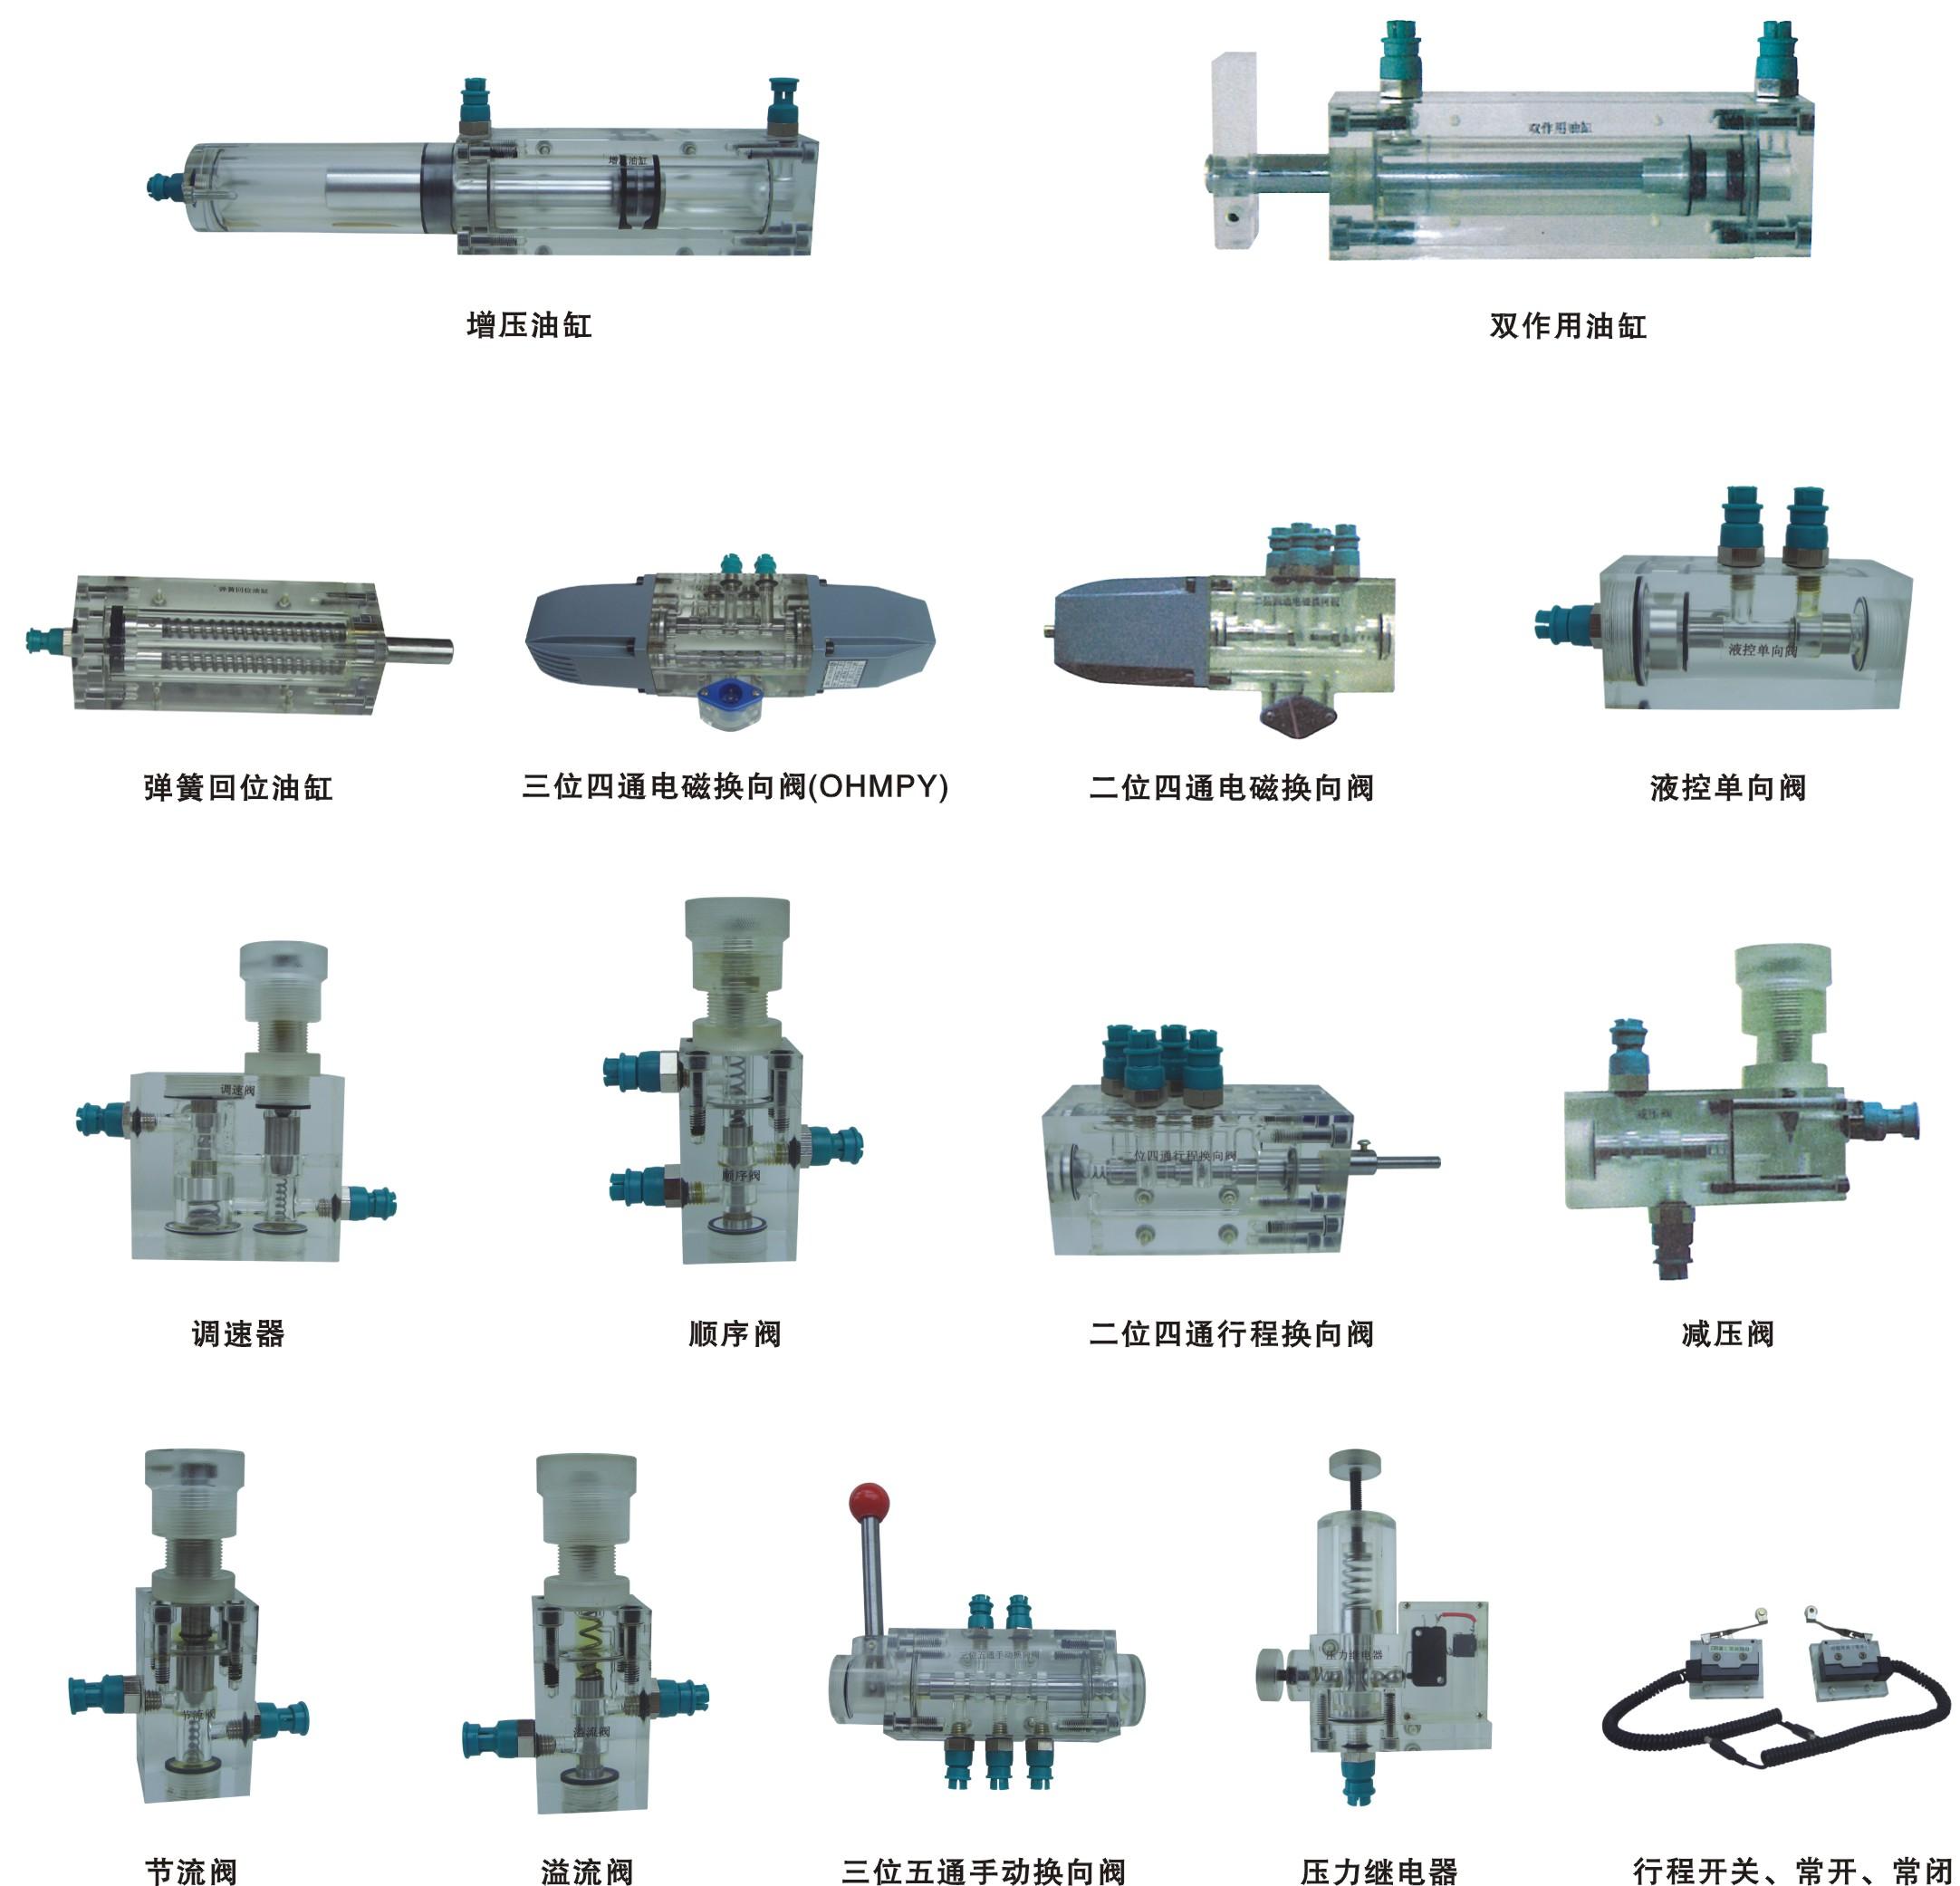 电源模块,plc控制模块,继电器控制模块,控制按钮模块,液压元件独立